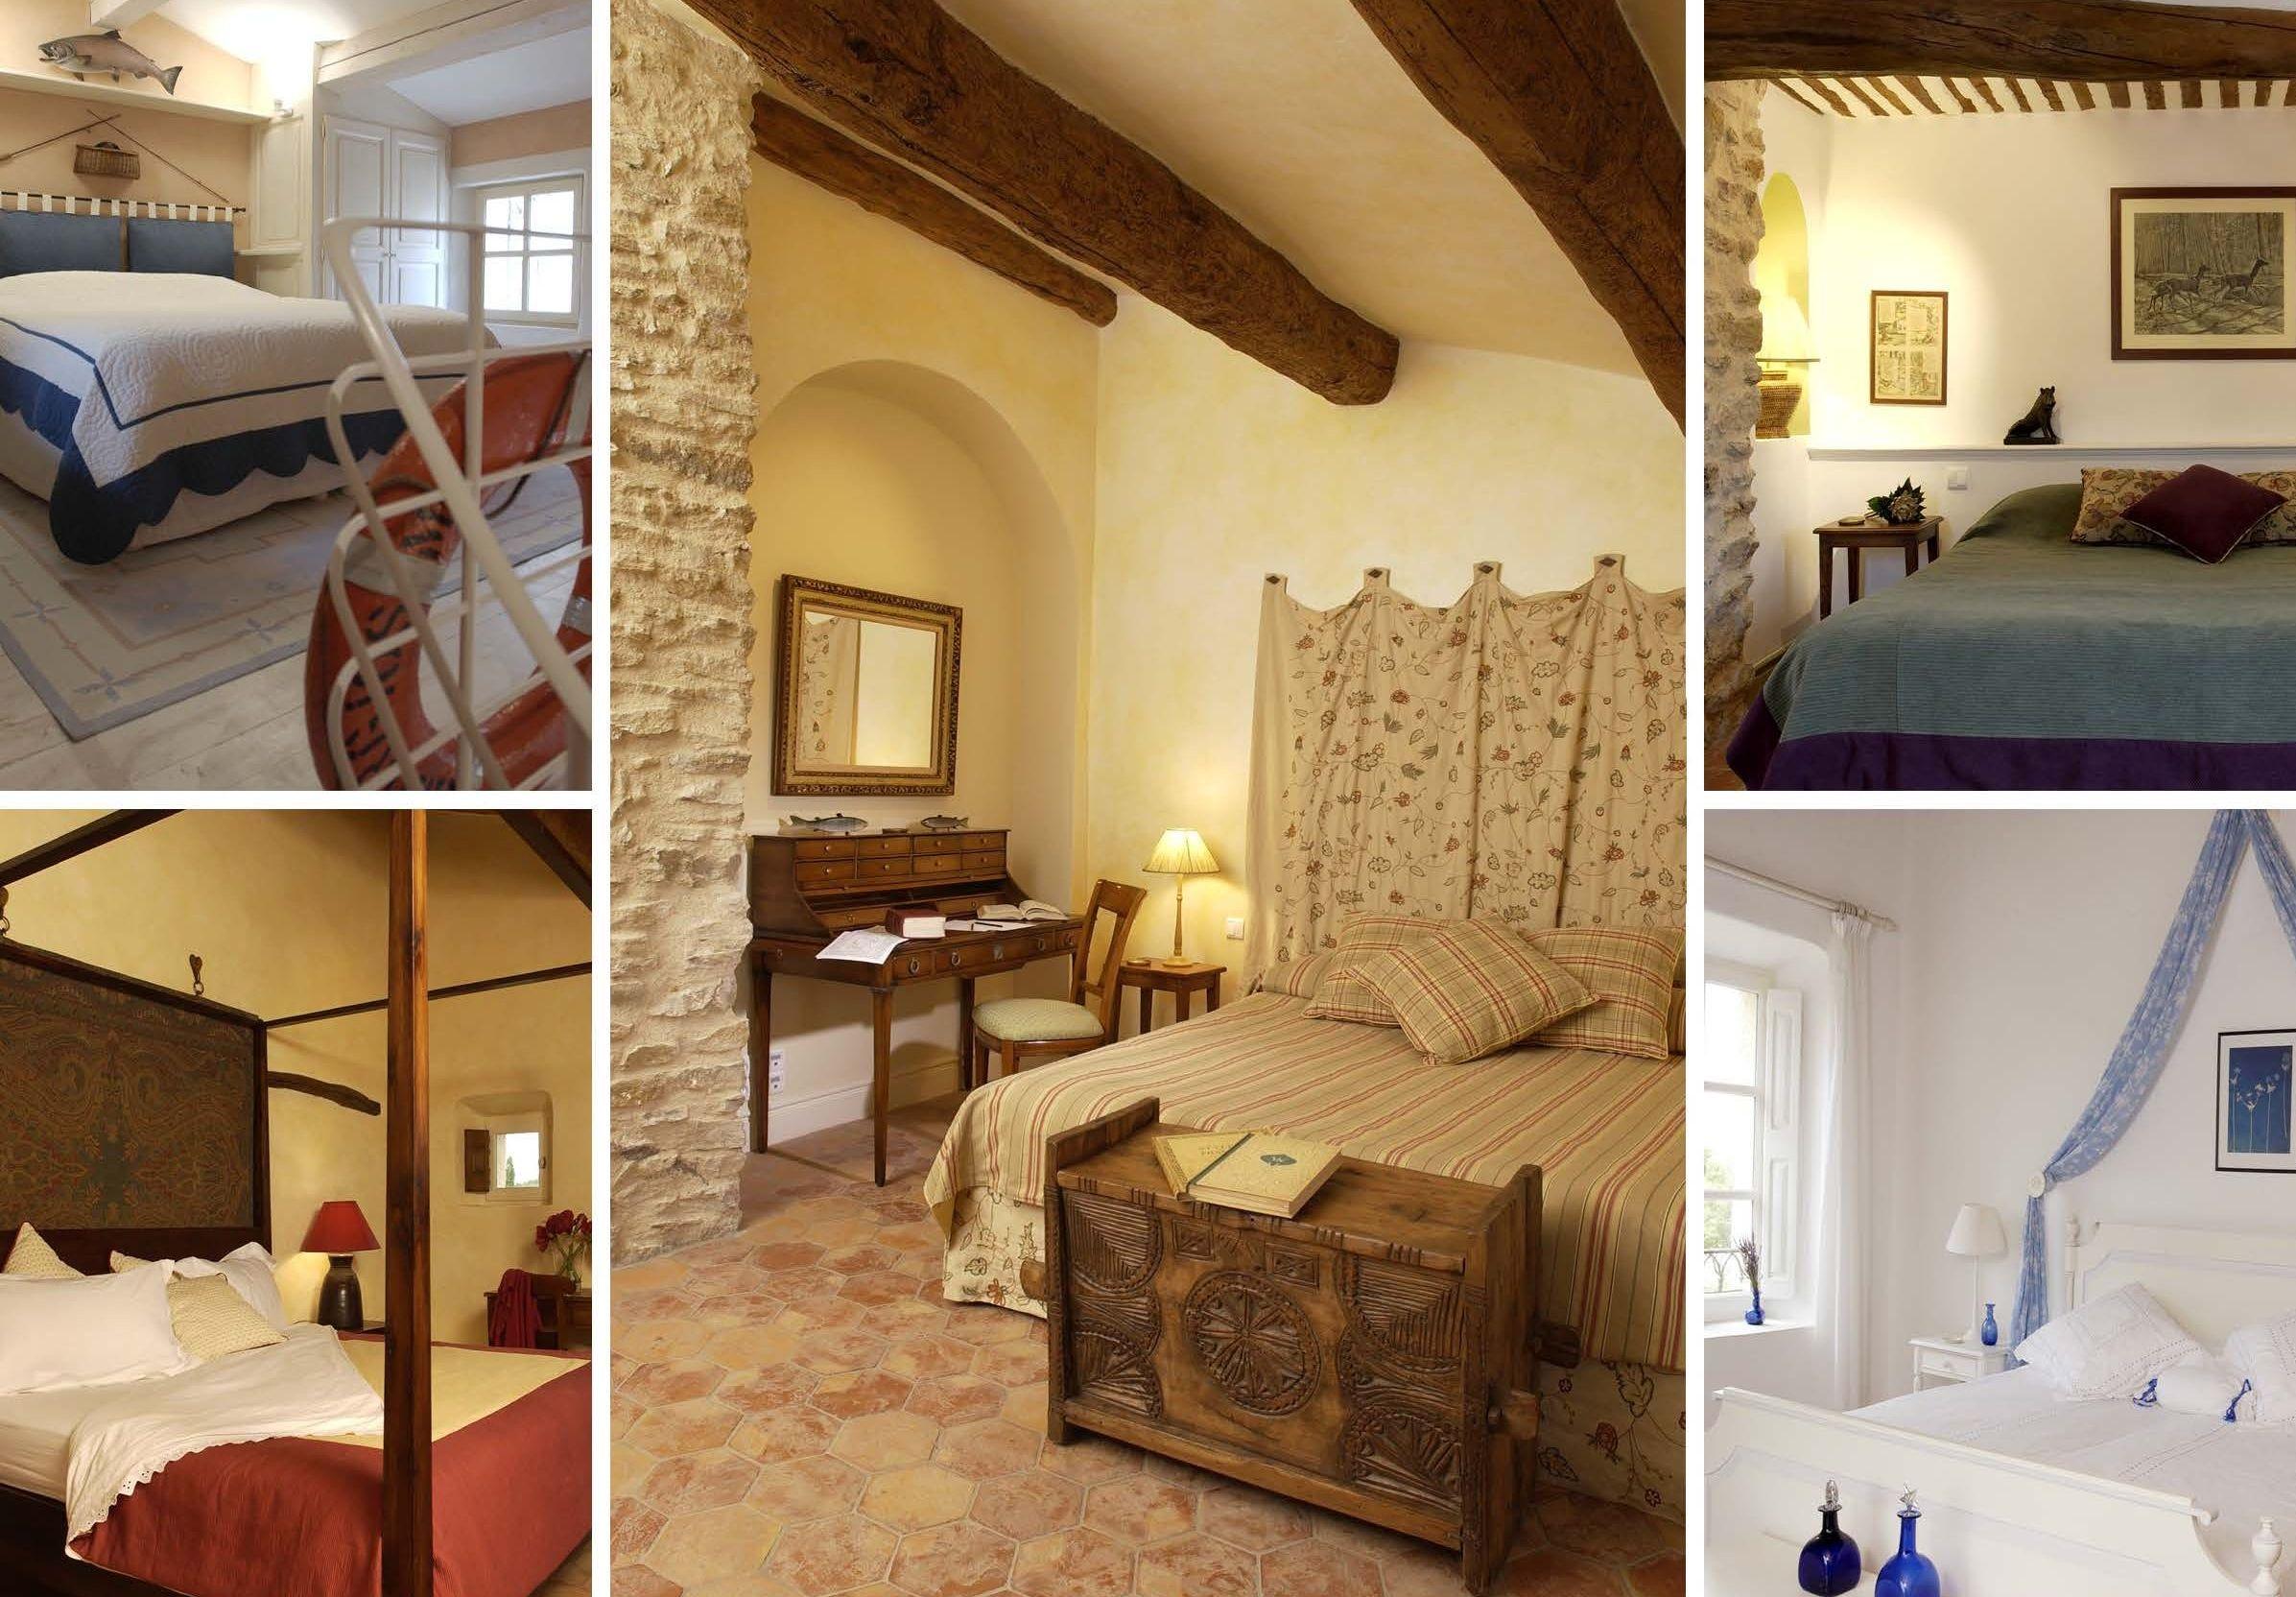 La Verriere bedrooms